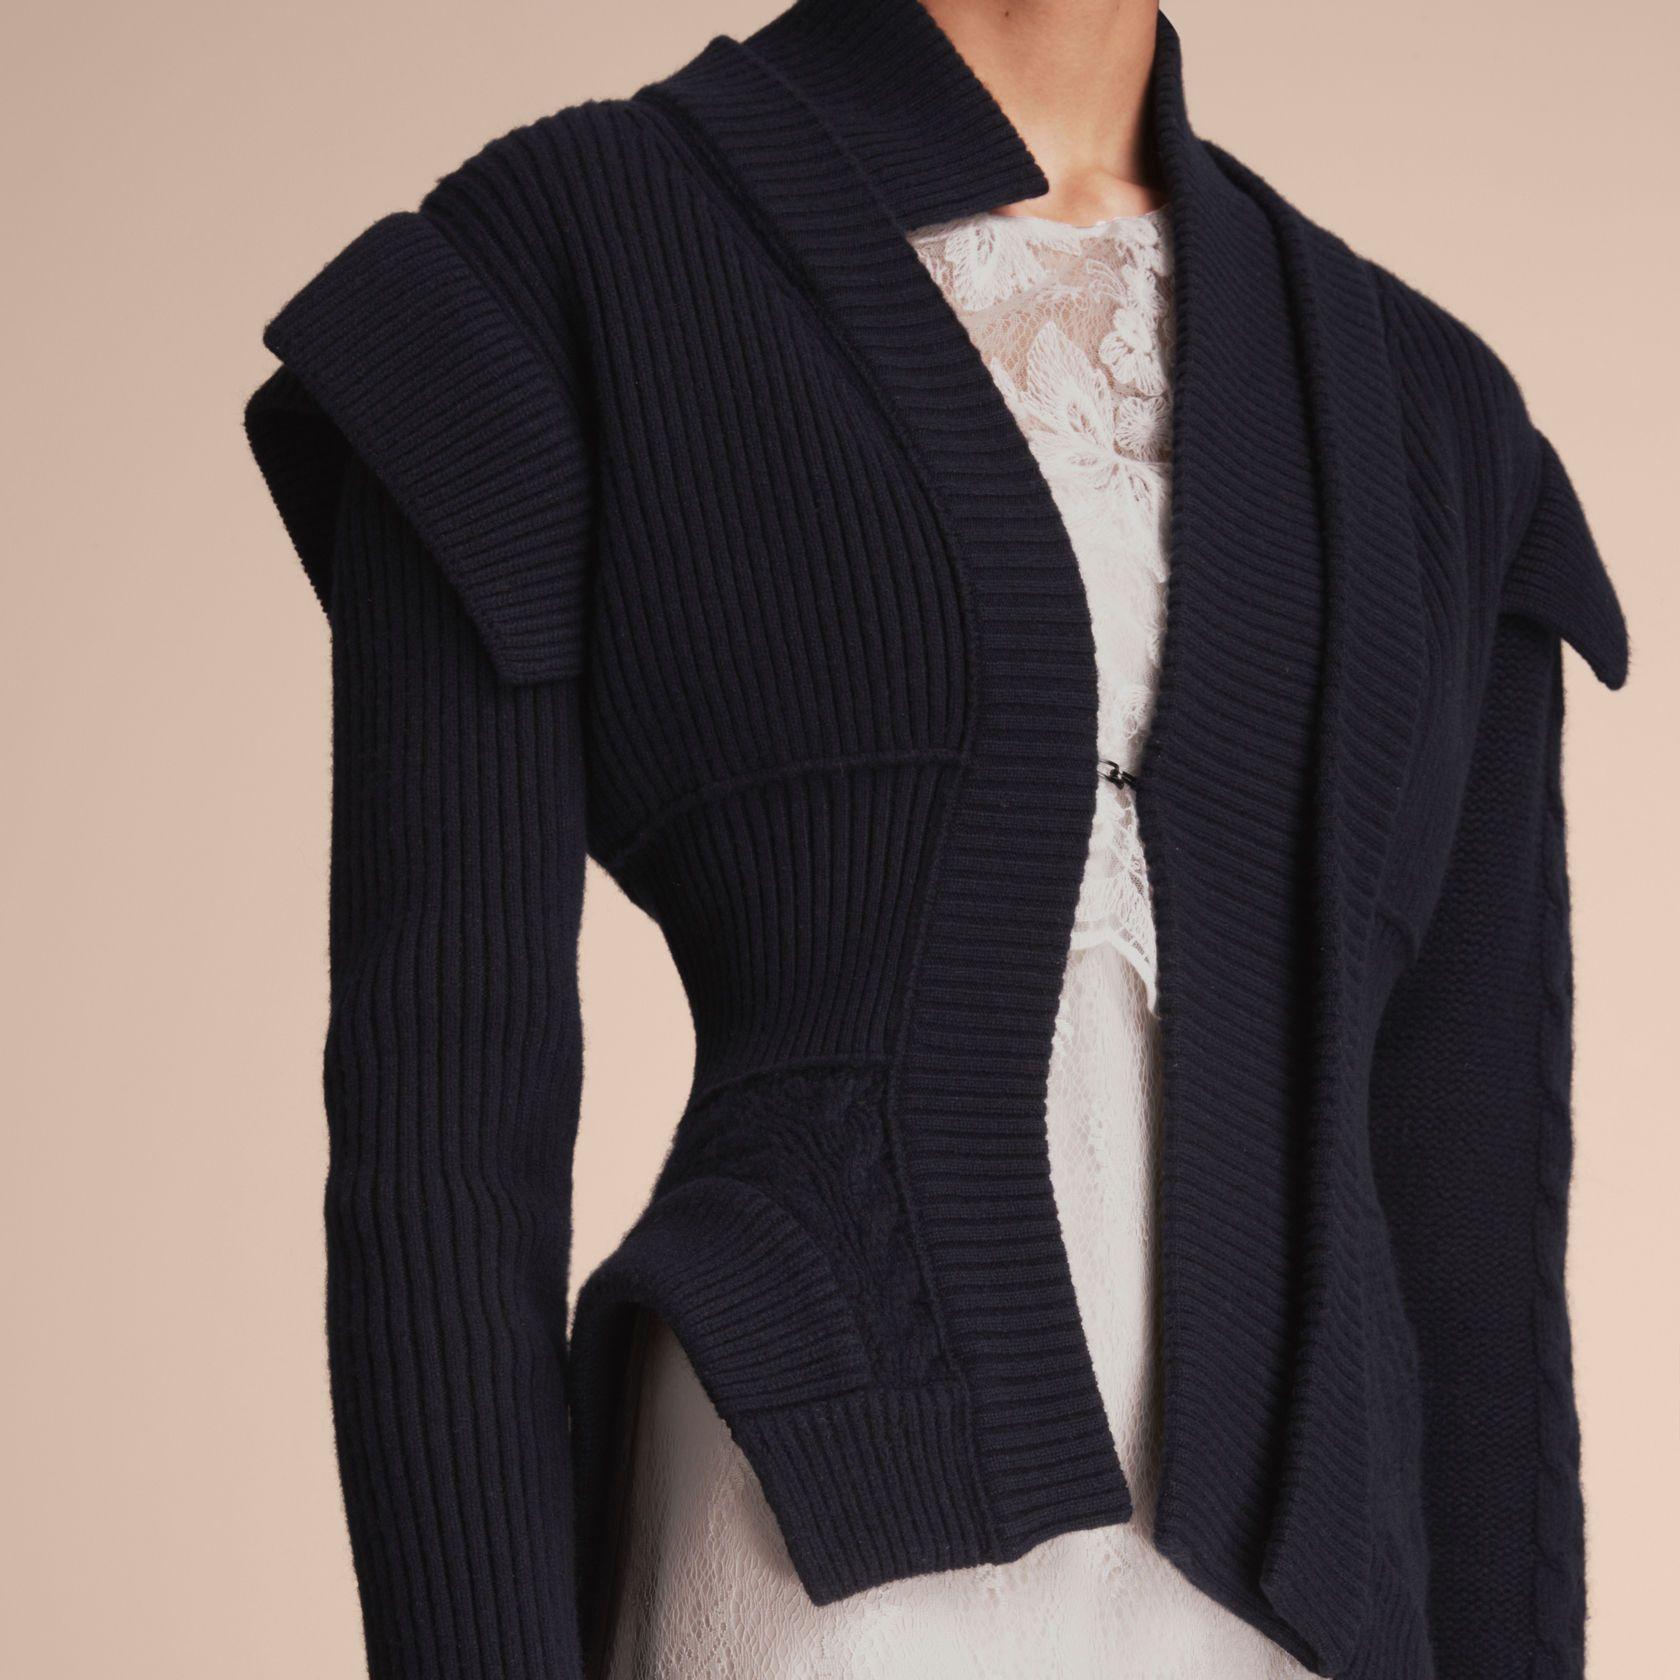 Maille Maille Maille Femme Burberry Style Laine Vêtements Pour De Pinterest wn8PIqZpx7